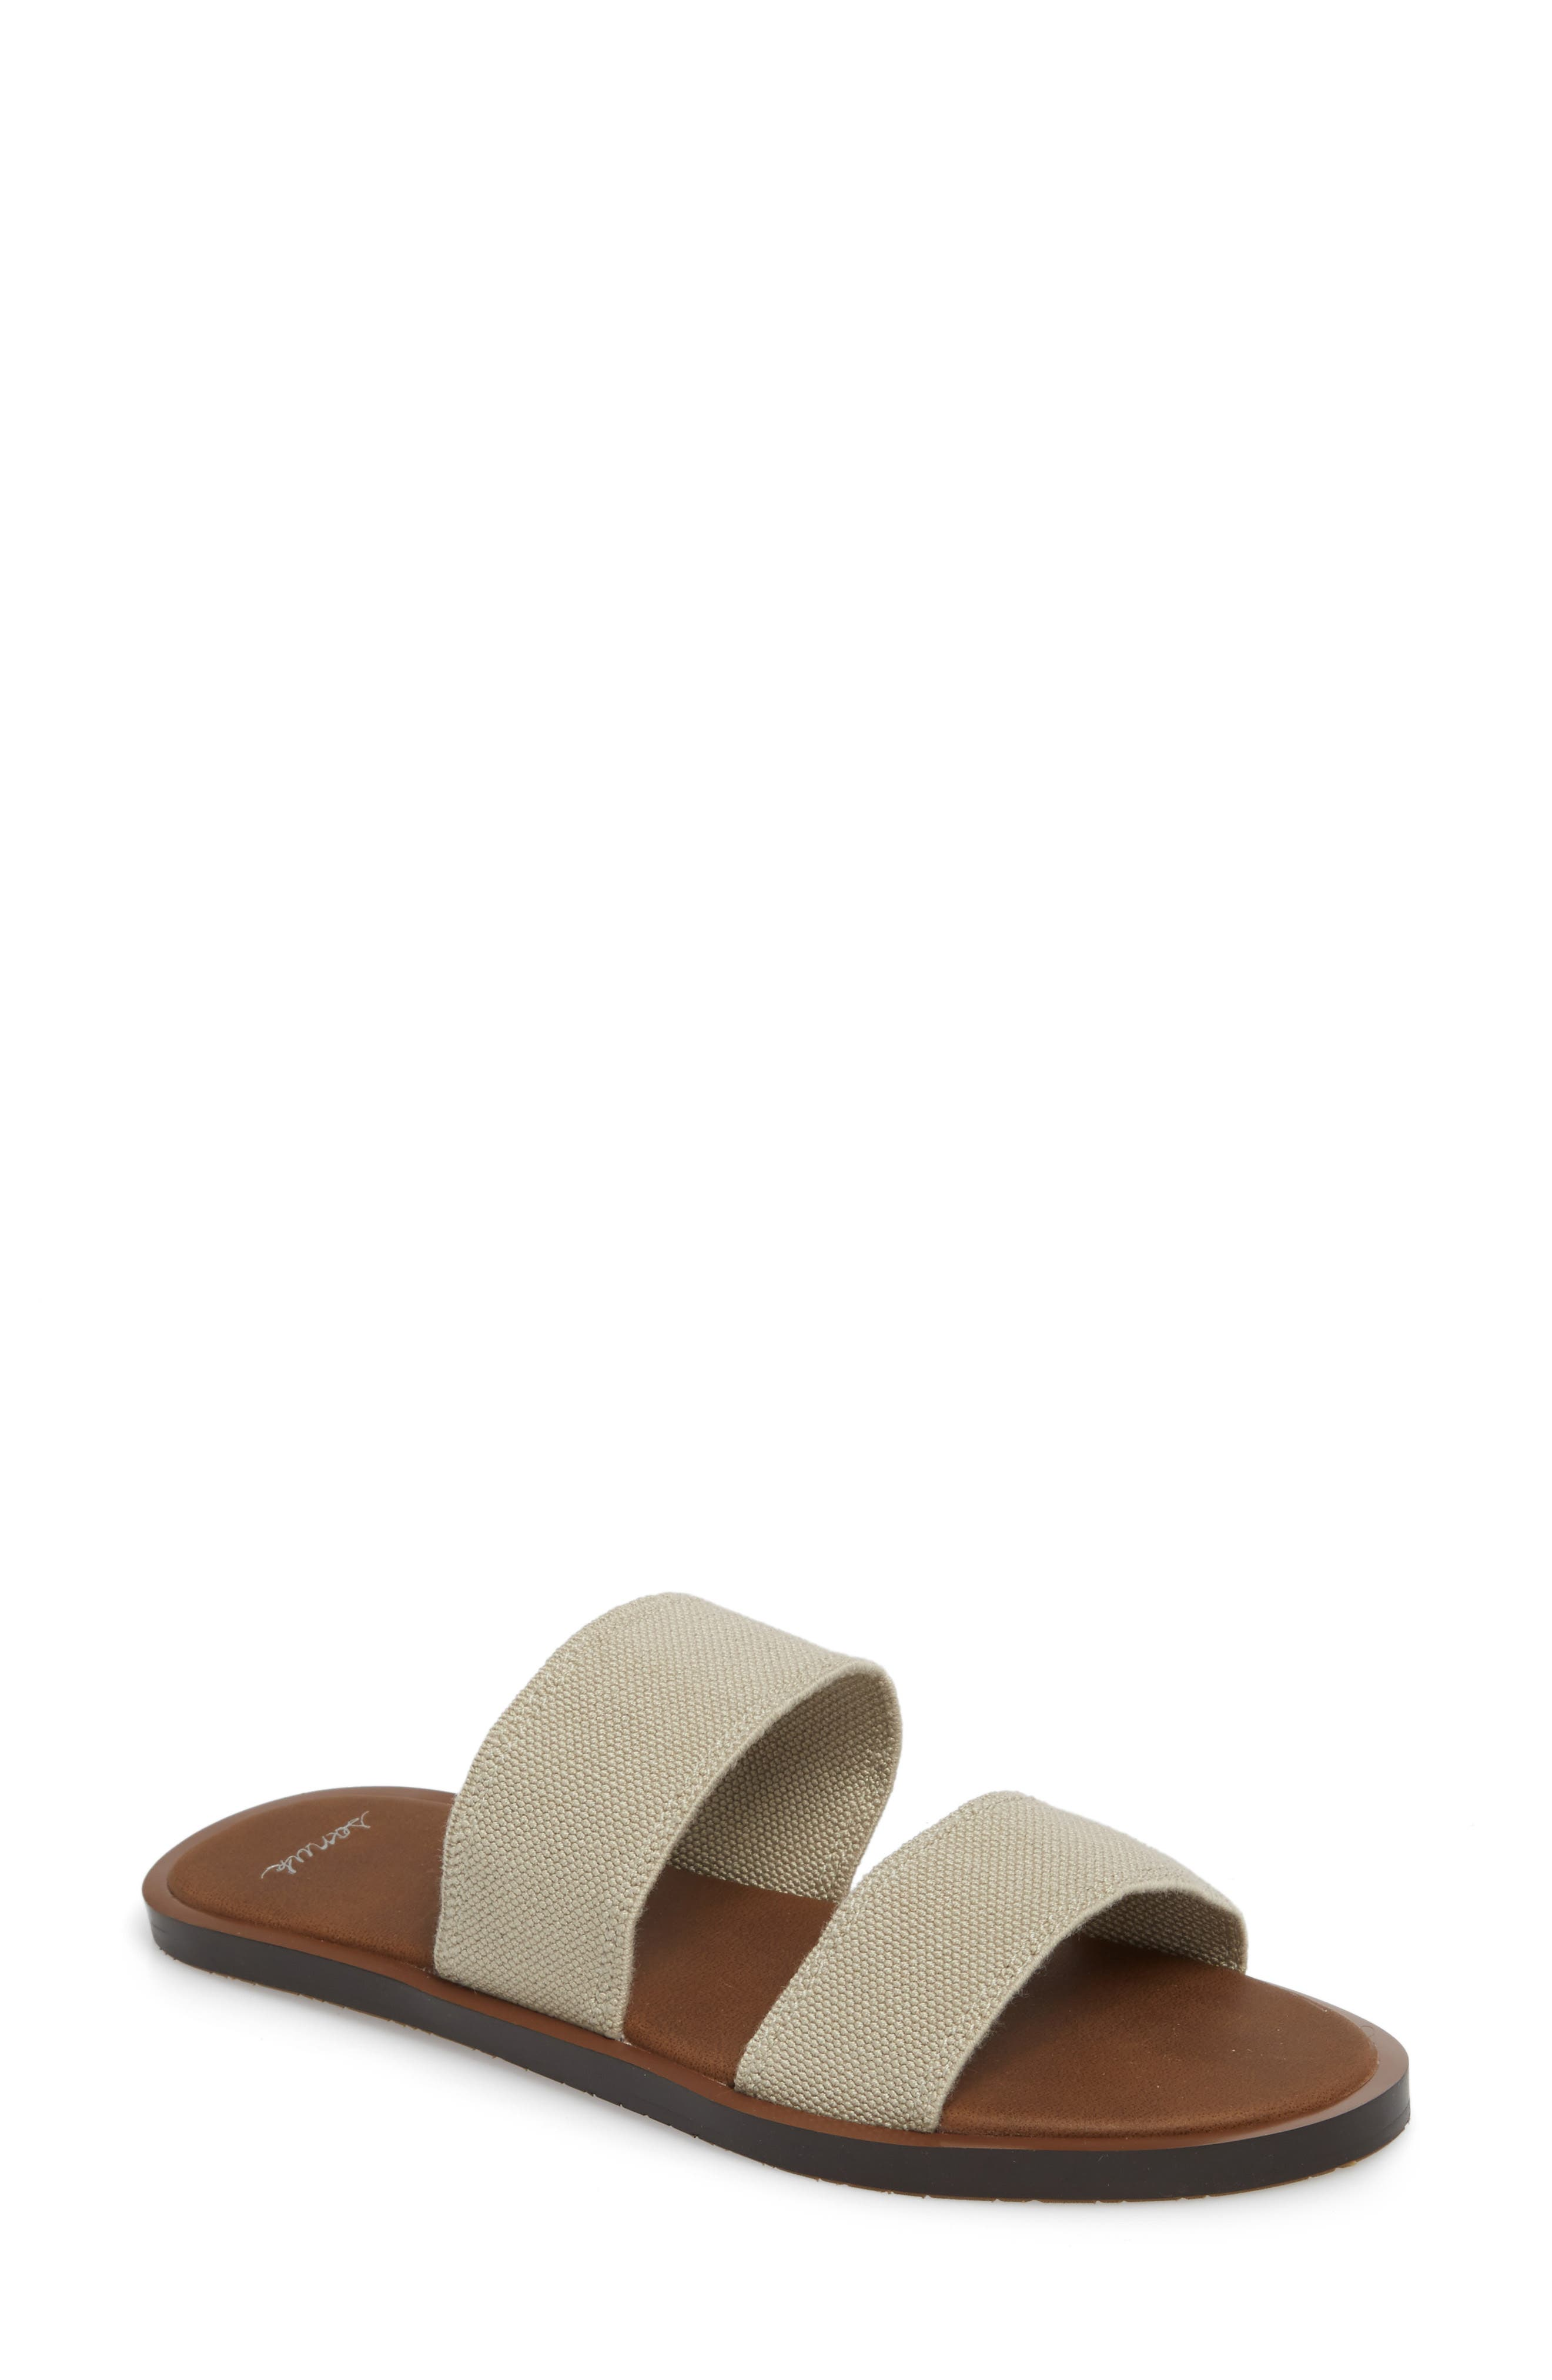 'Yoga Gora Gora' Slide Sandal,                             Main thumbnail 1, color,                             Natural